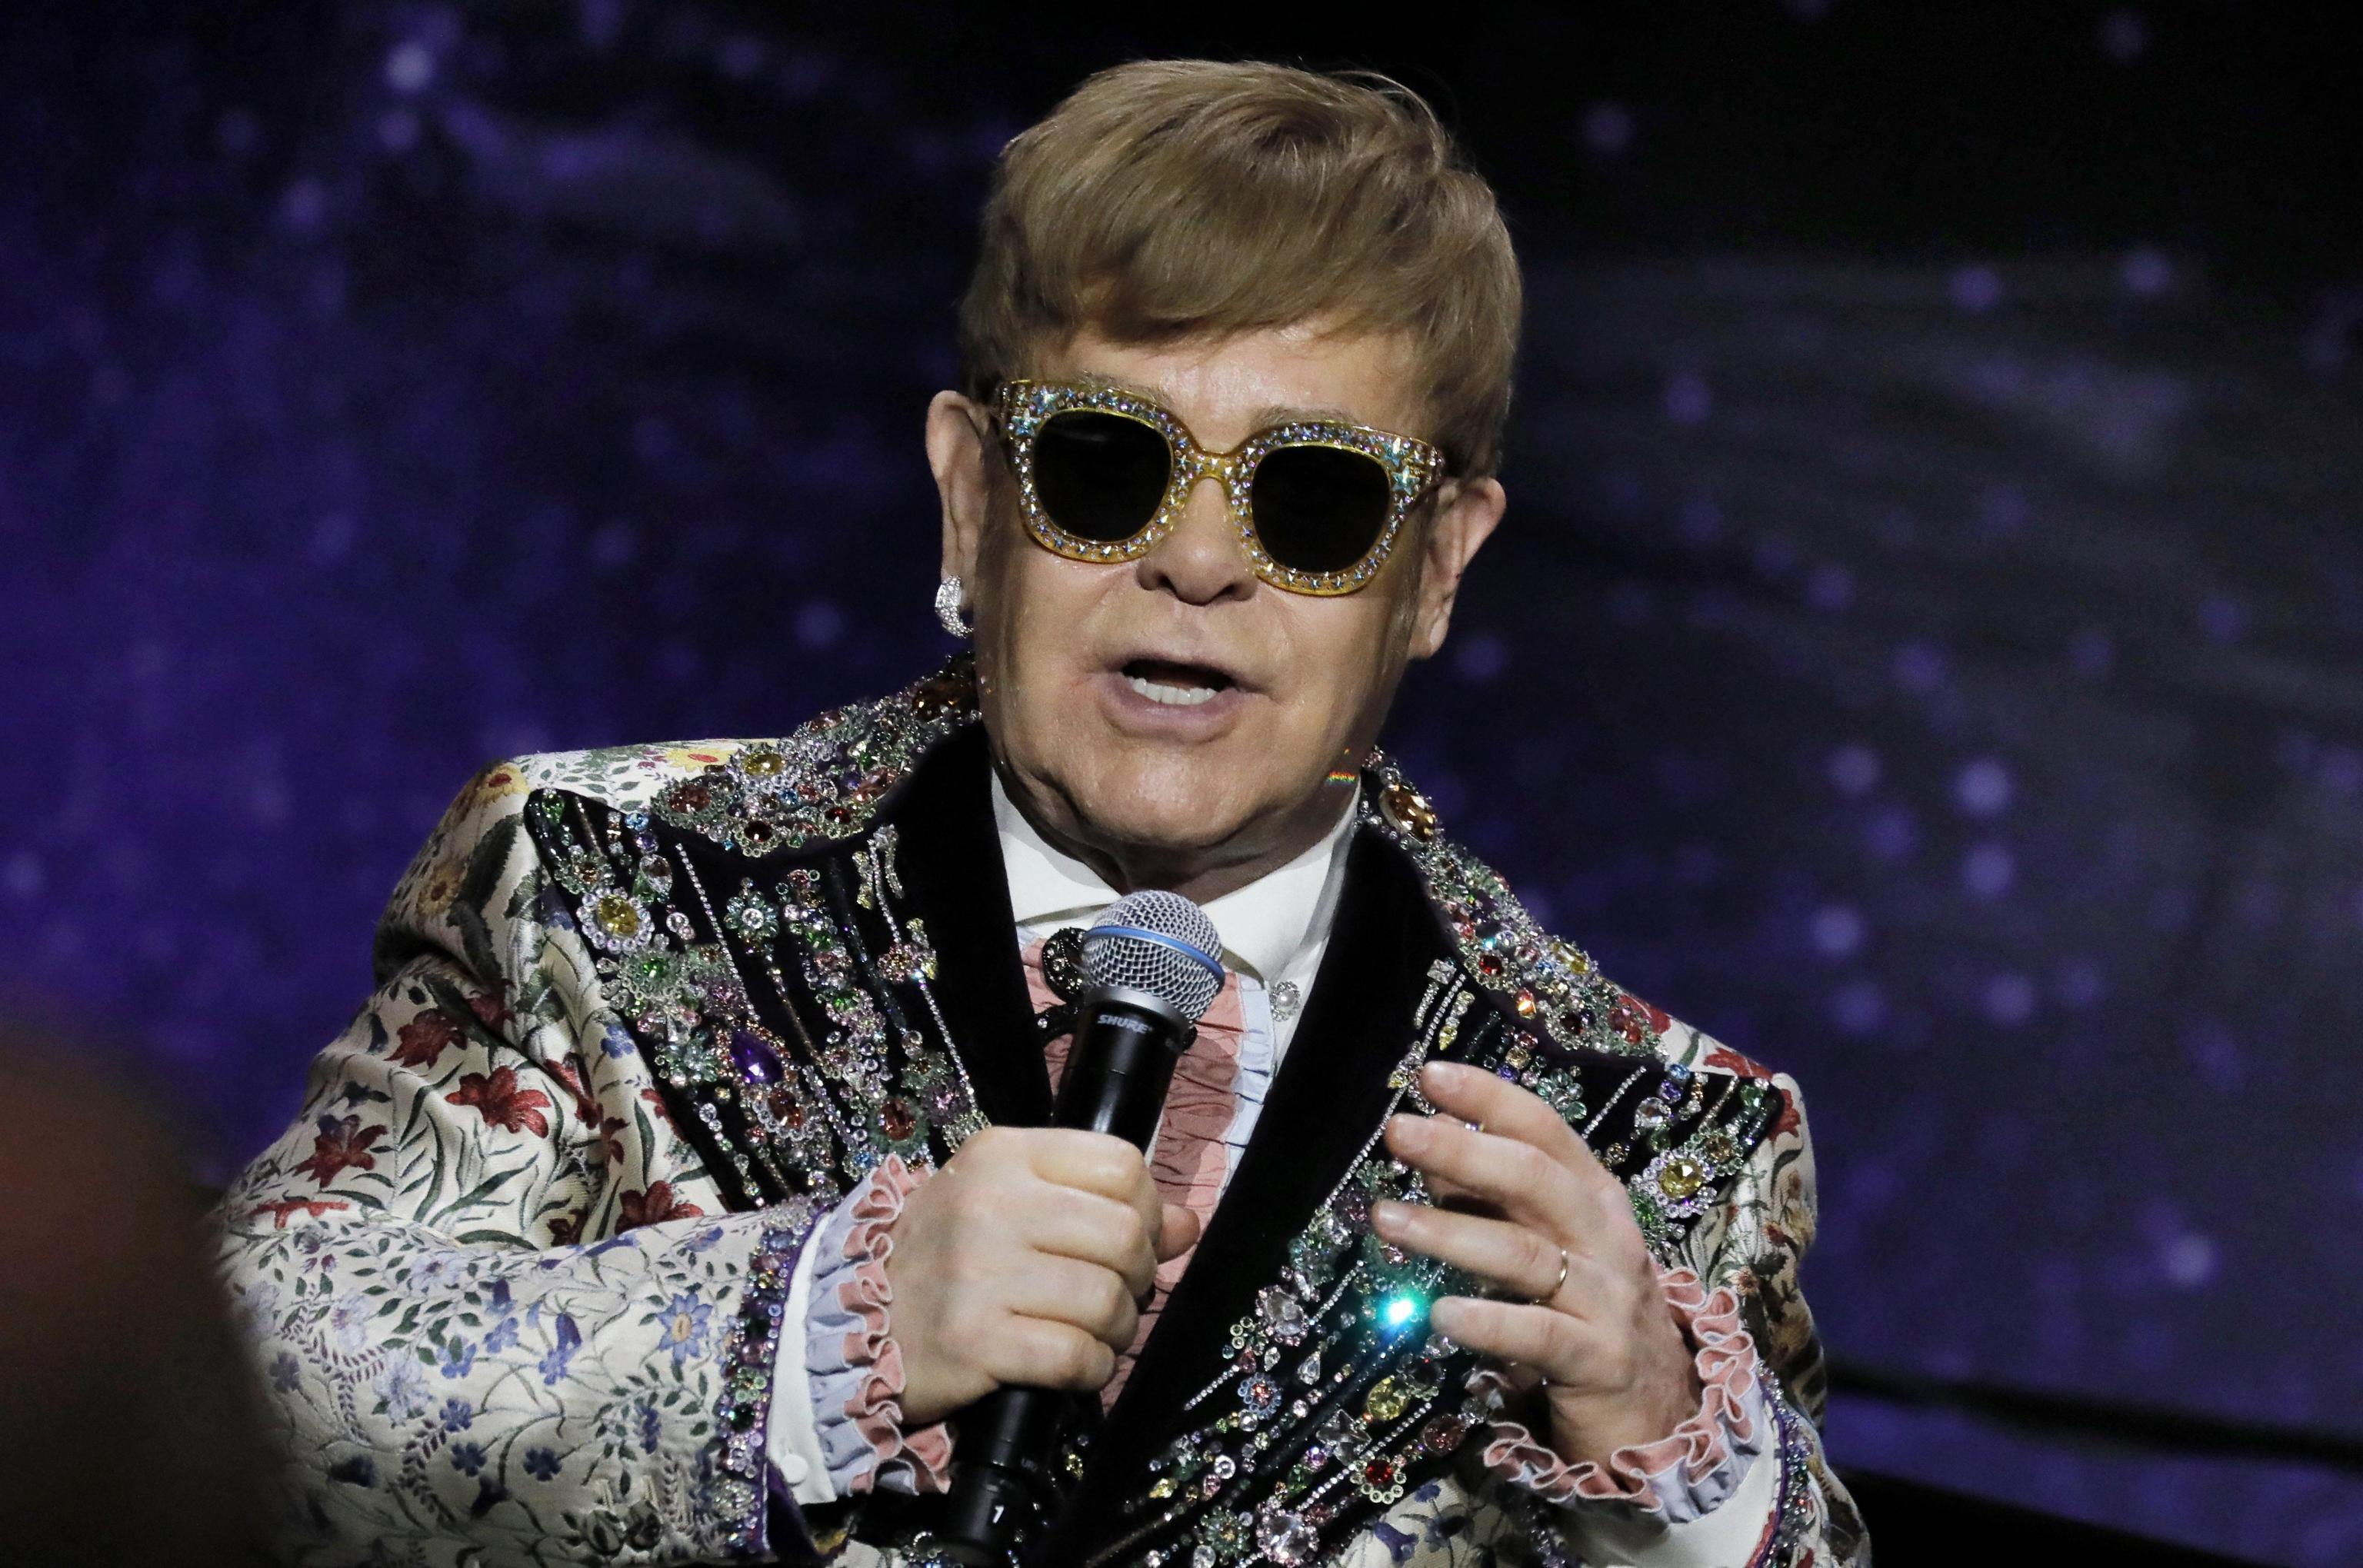 Elton John si ritira dalle scene: 'Ho figli, voglio essere parte della loro vita'